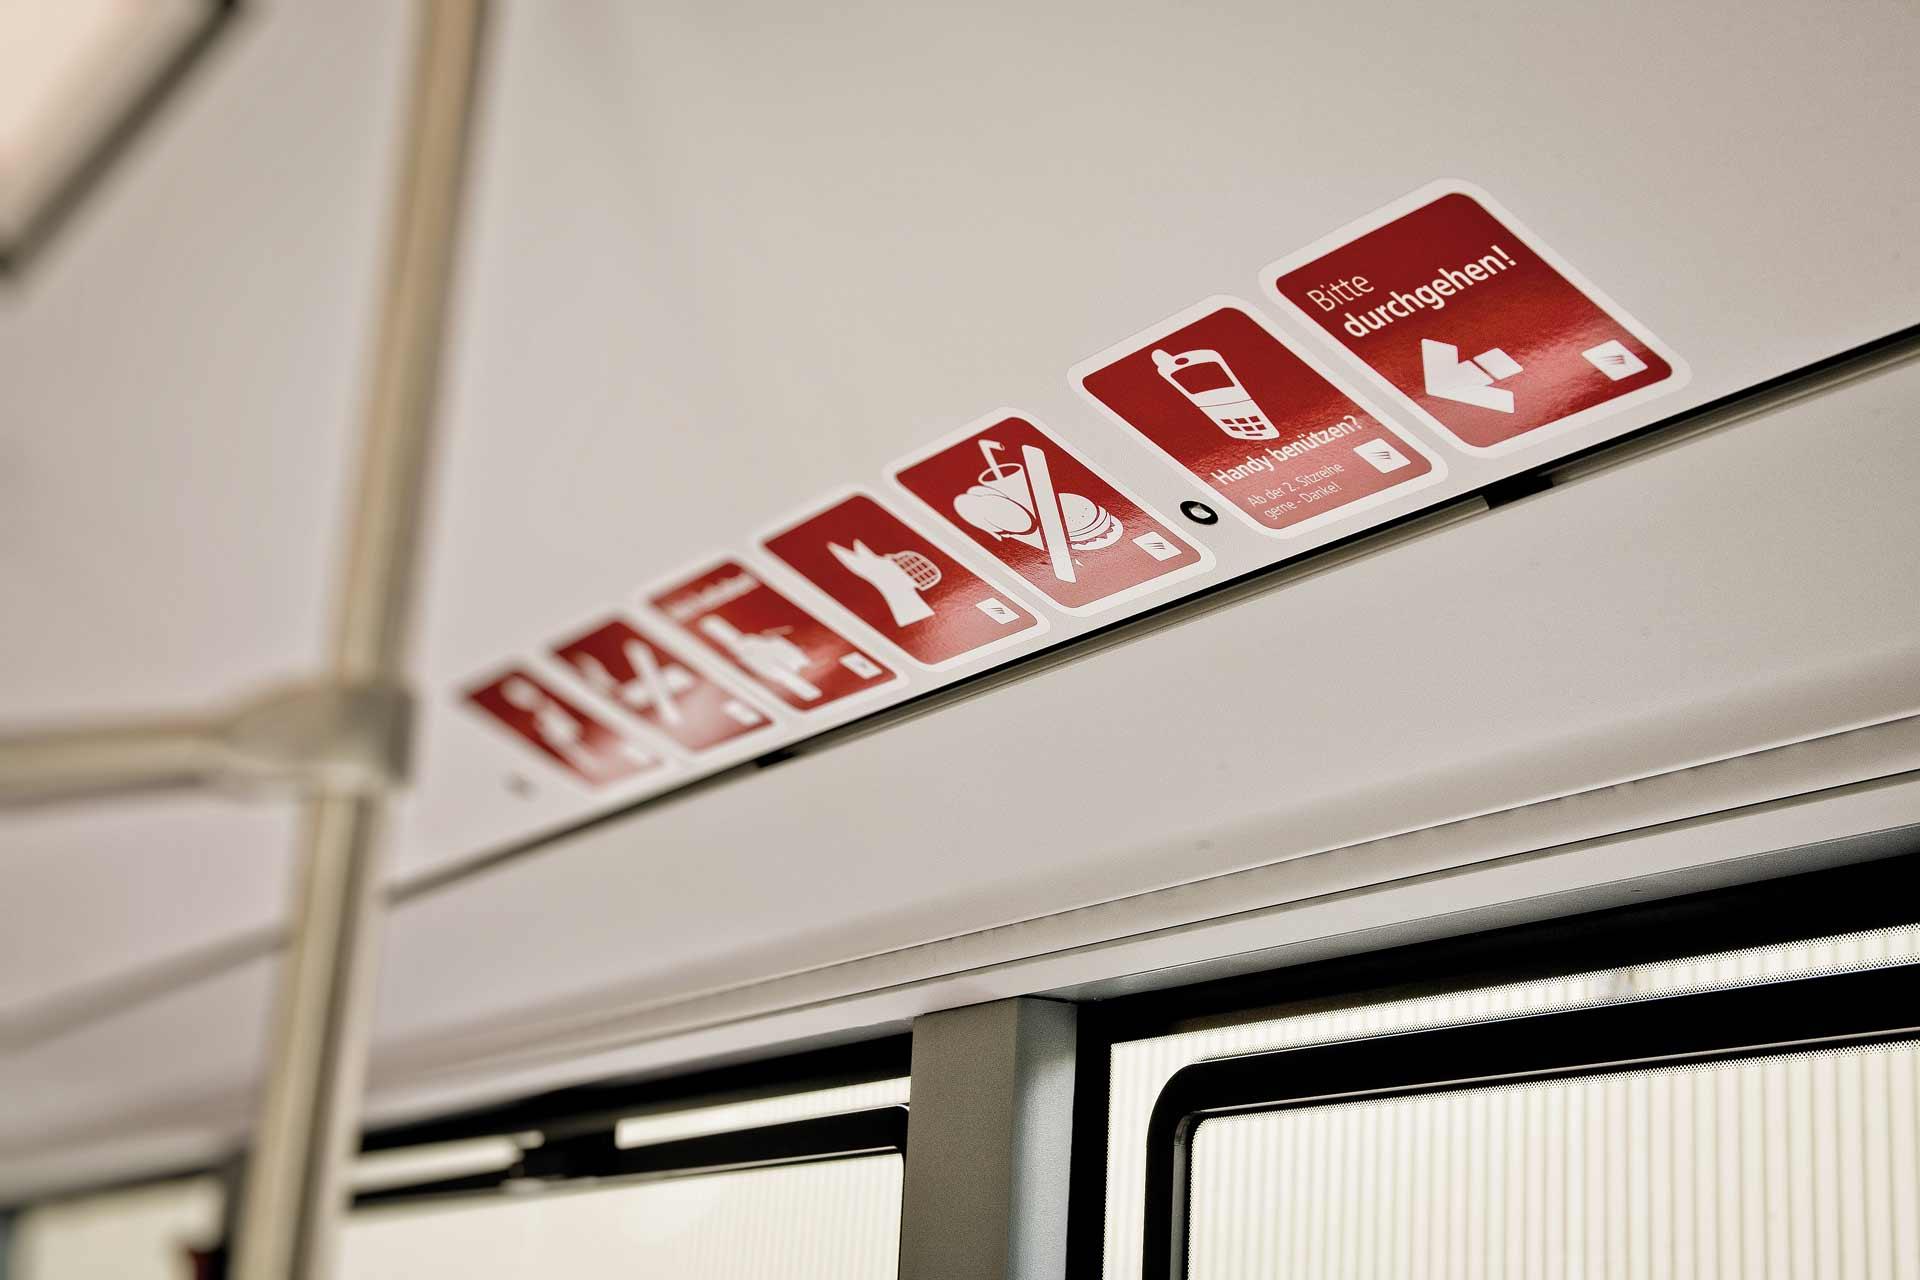 Aufkleber in öffentlichen Verkehrsmitteln